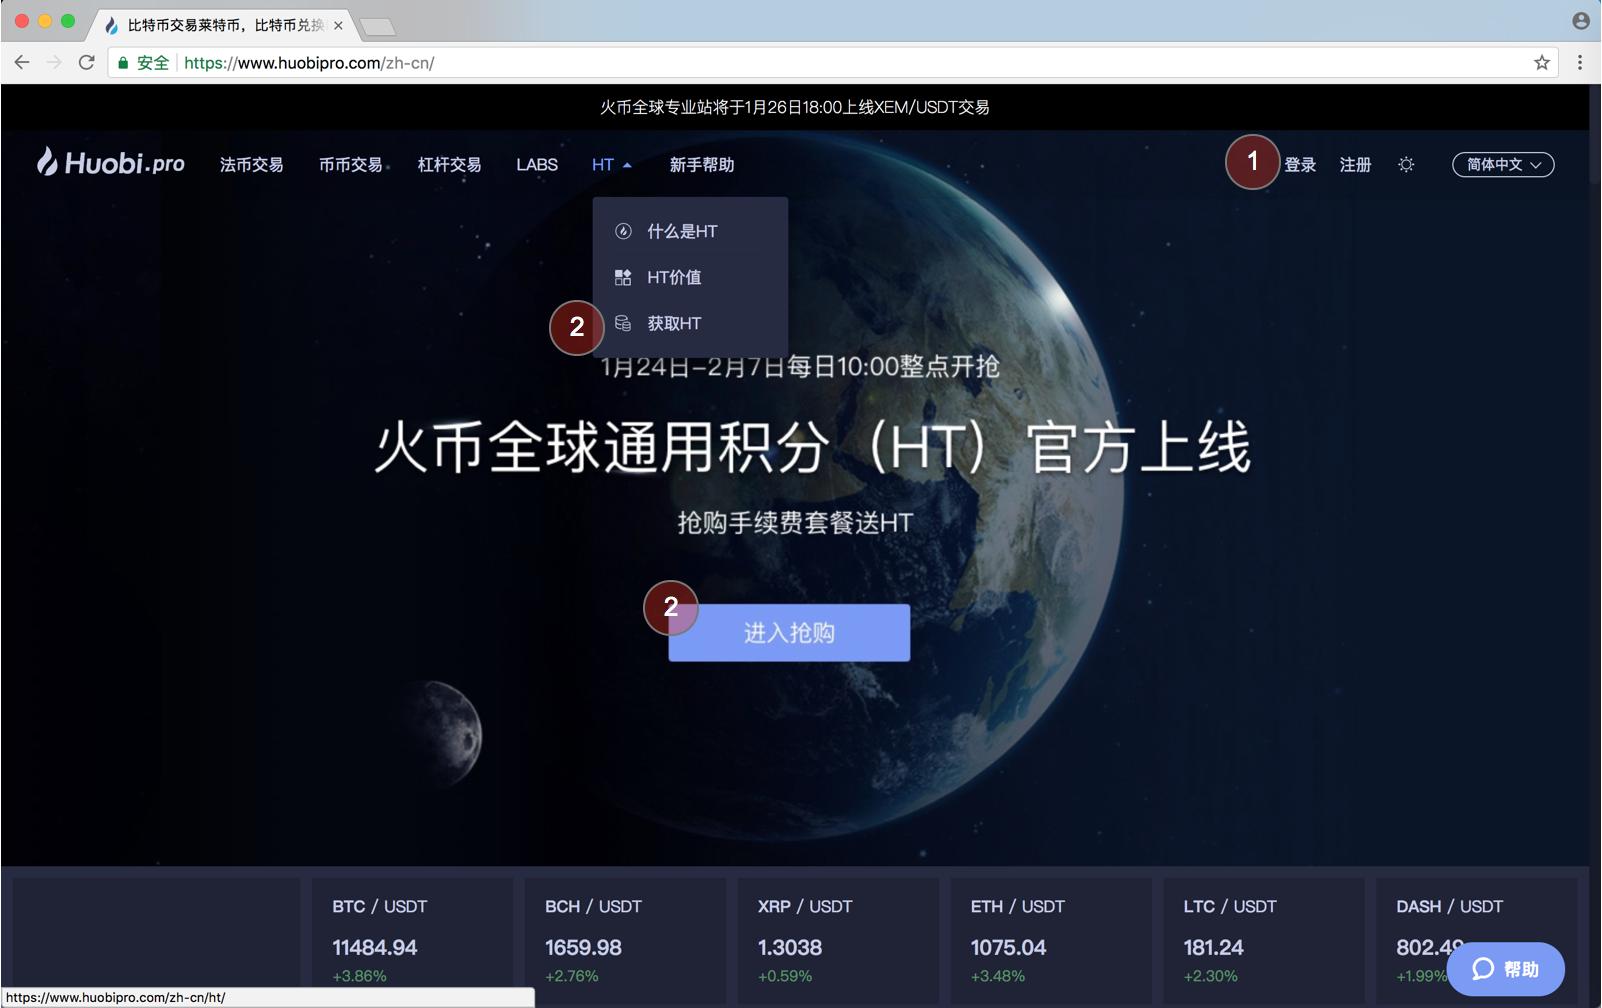 一文读懂火币网全球站HT的抢购攻略